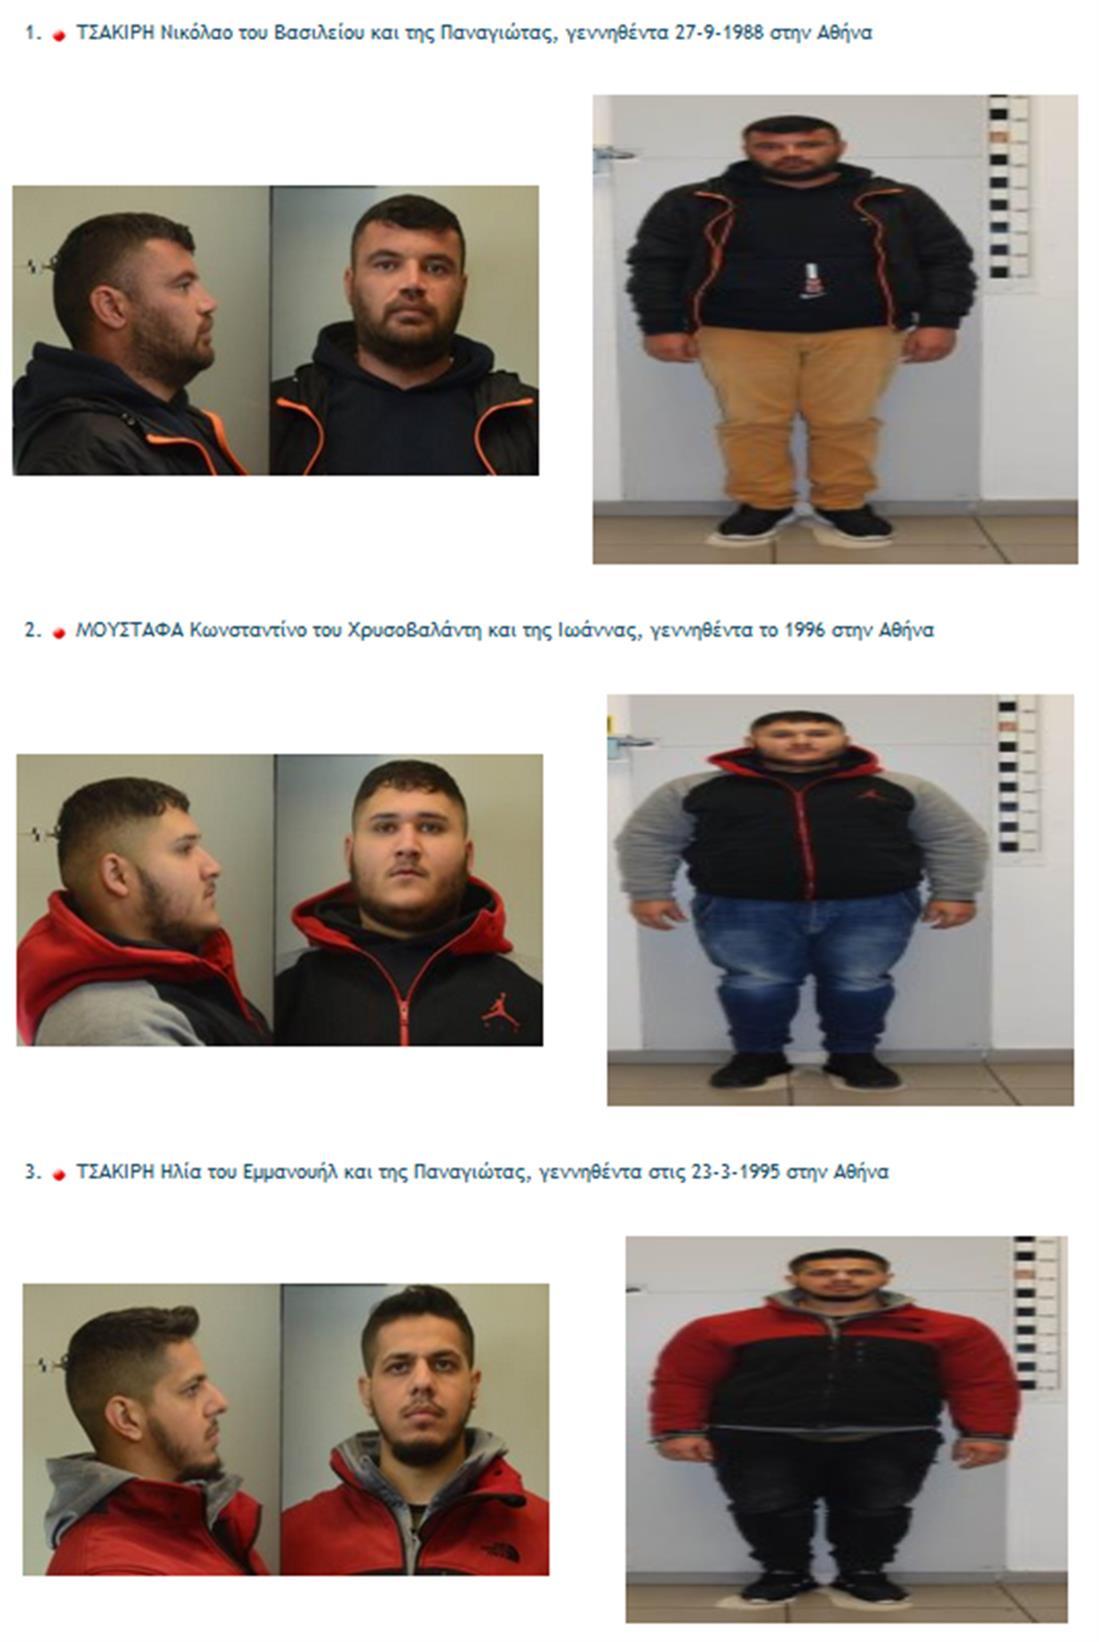 Αττική - ληστείες - συλλήψεις